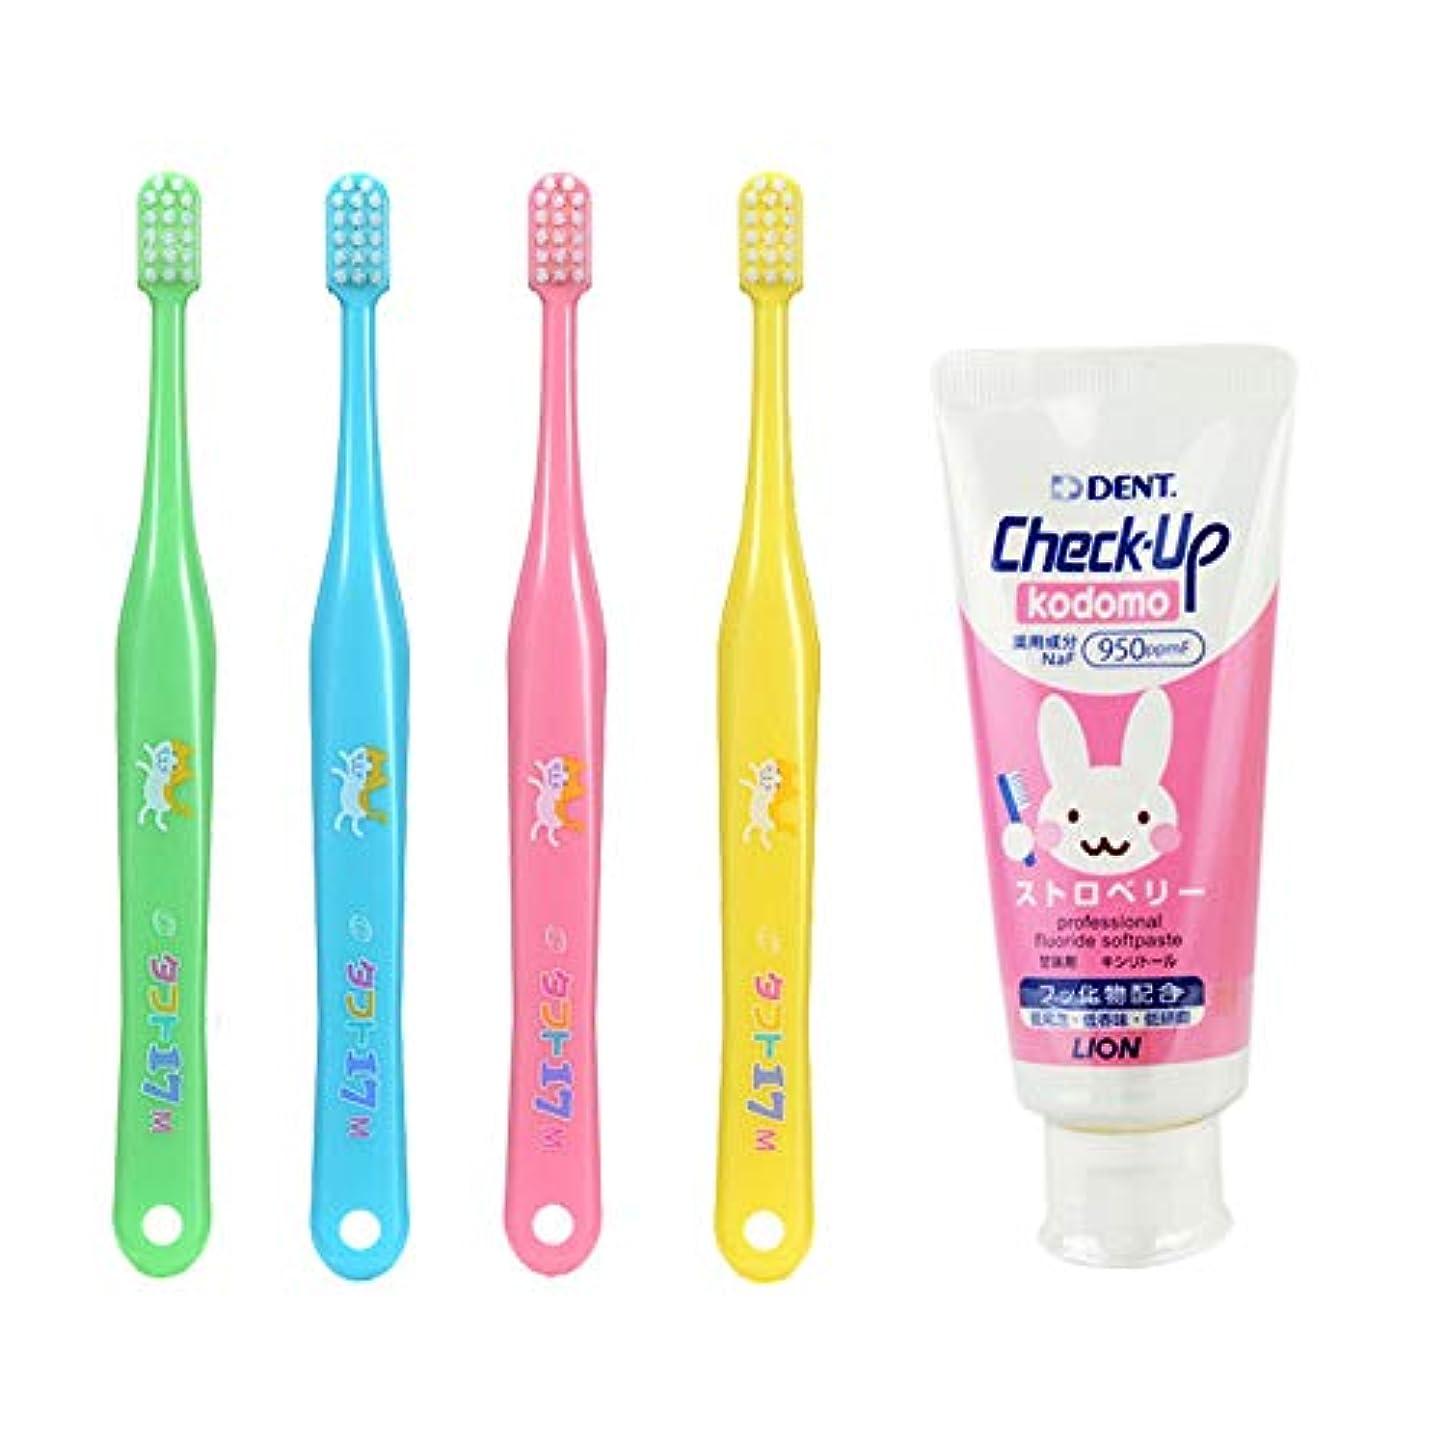 おいしいリール信者タフト17 M(ふつう) 子ども 歯ブラシ 10本 + チェックアップ コドモ 60g (ストロベリー) 歯磨き粉 歯科専売品